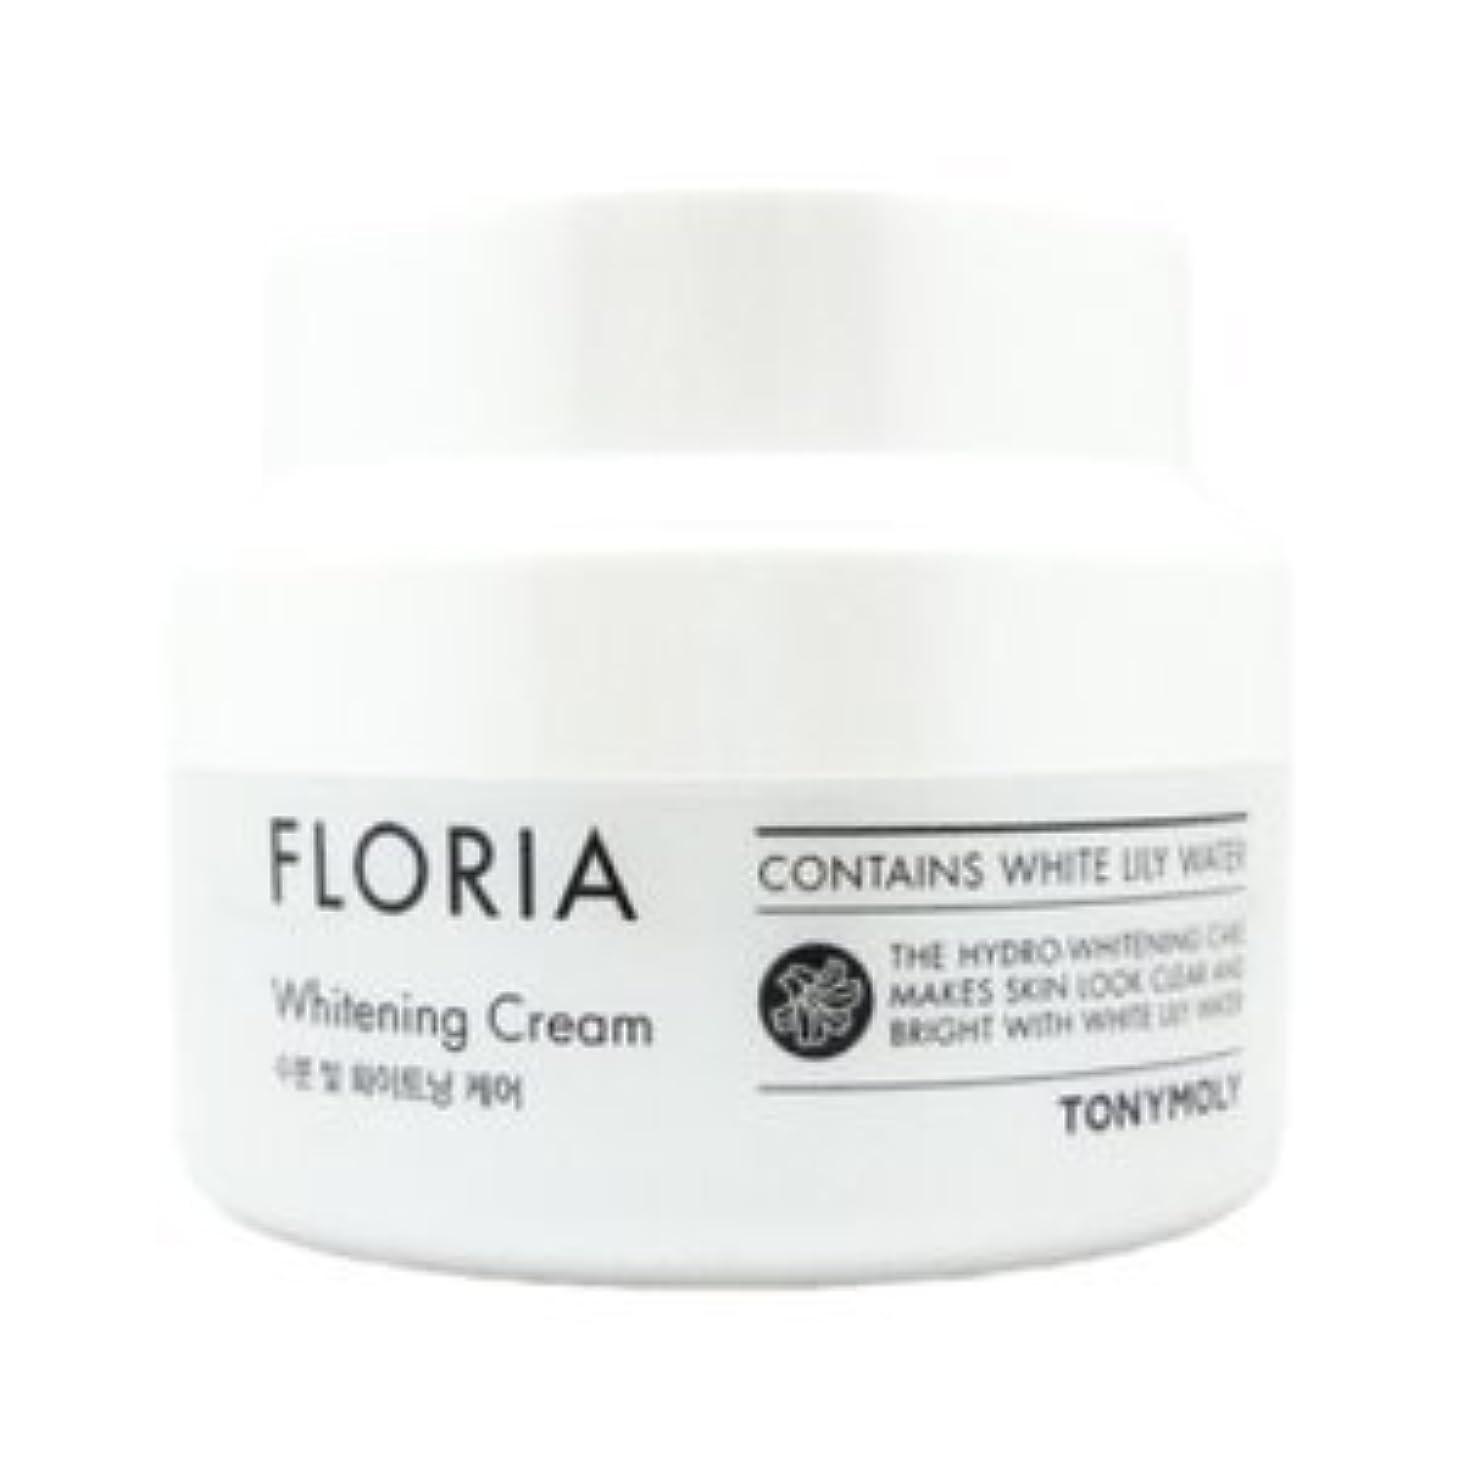 発表黒人破壊的TONYMOLY Floria Whitening Cream 60ml/トニーモリー フロリア ホワイトニング クリーム 60ml [並行輸入品]